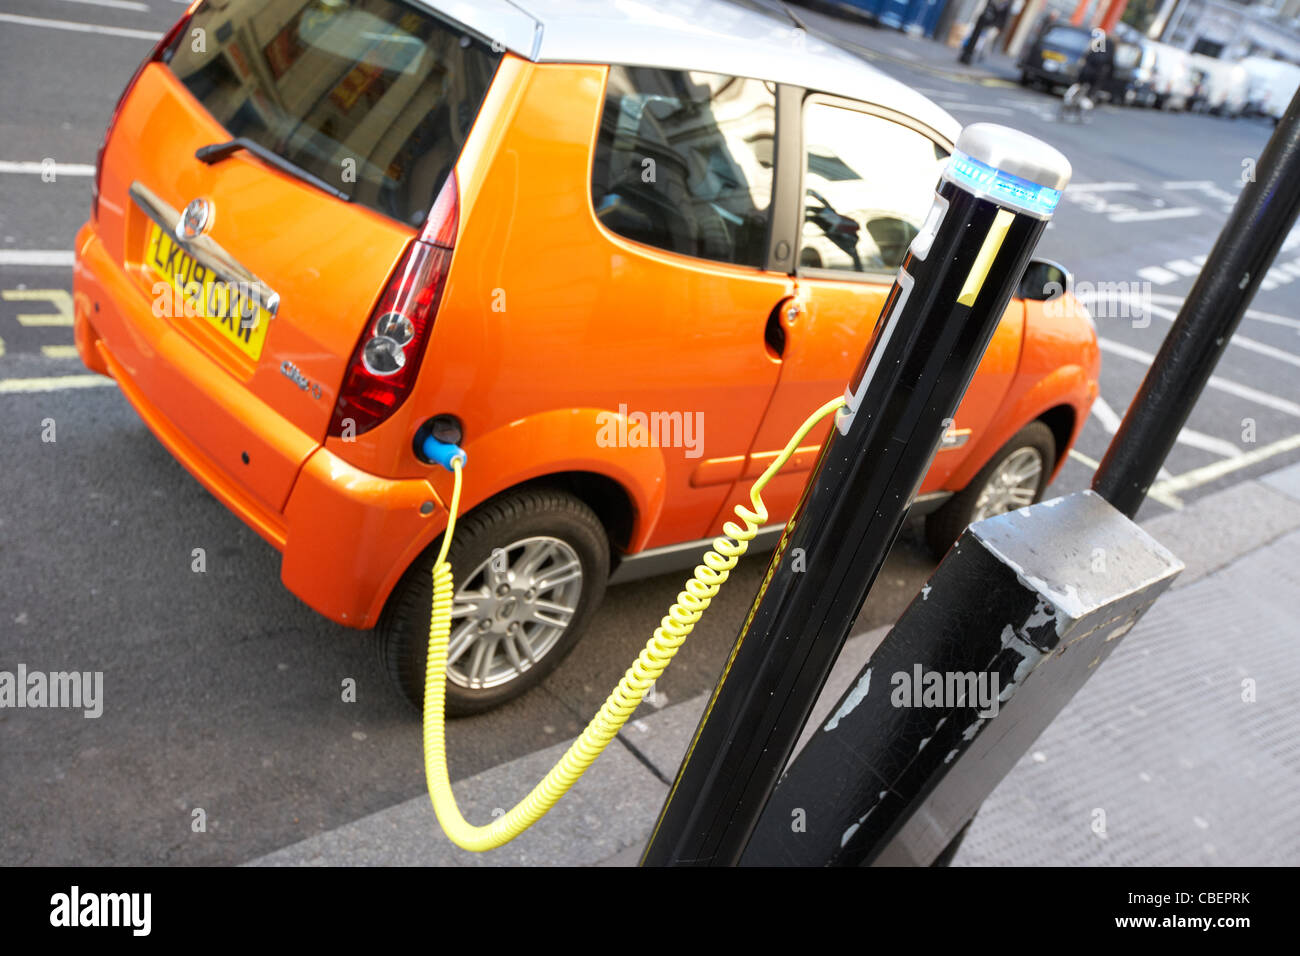 Punto de carga de coches eléctricos Londres England Reino Unido reino unido Imagen De Stock